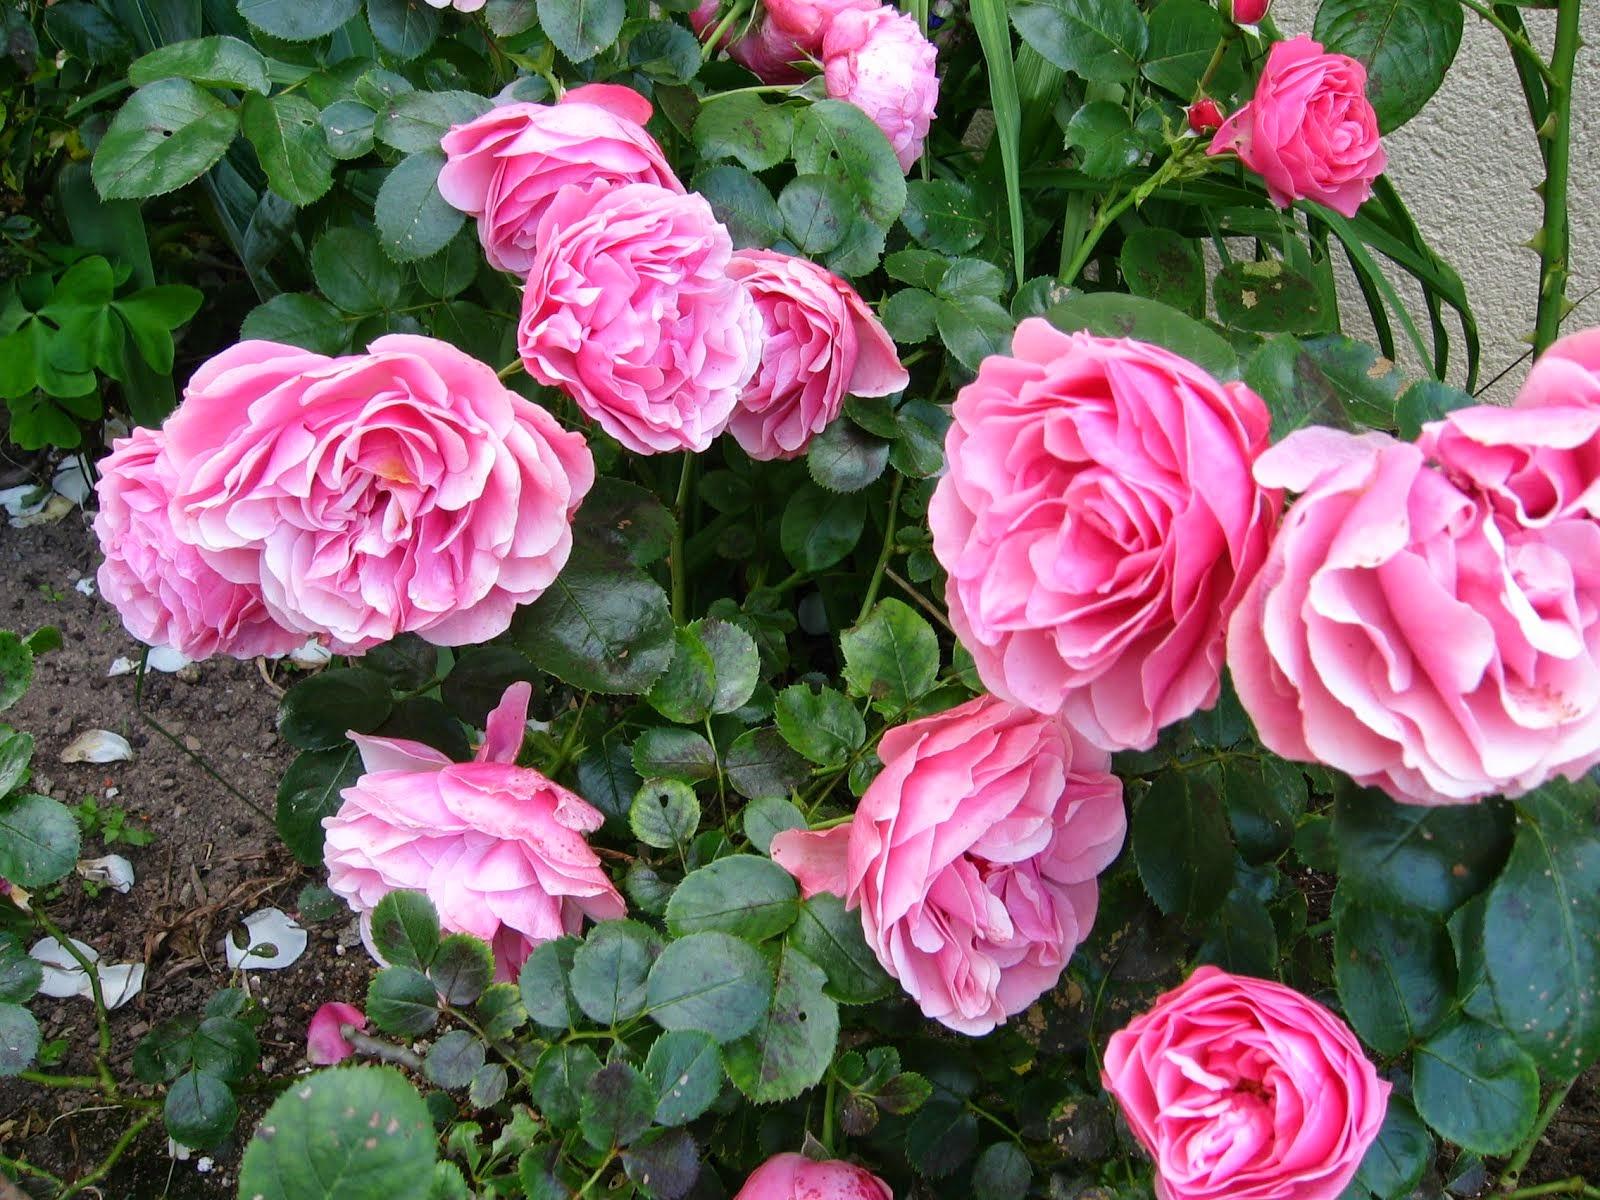 Les roses de mon enfance